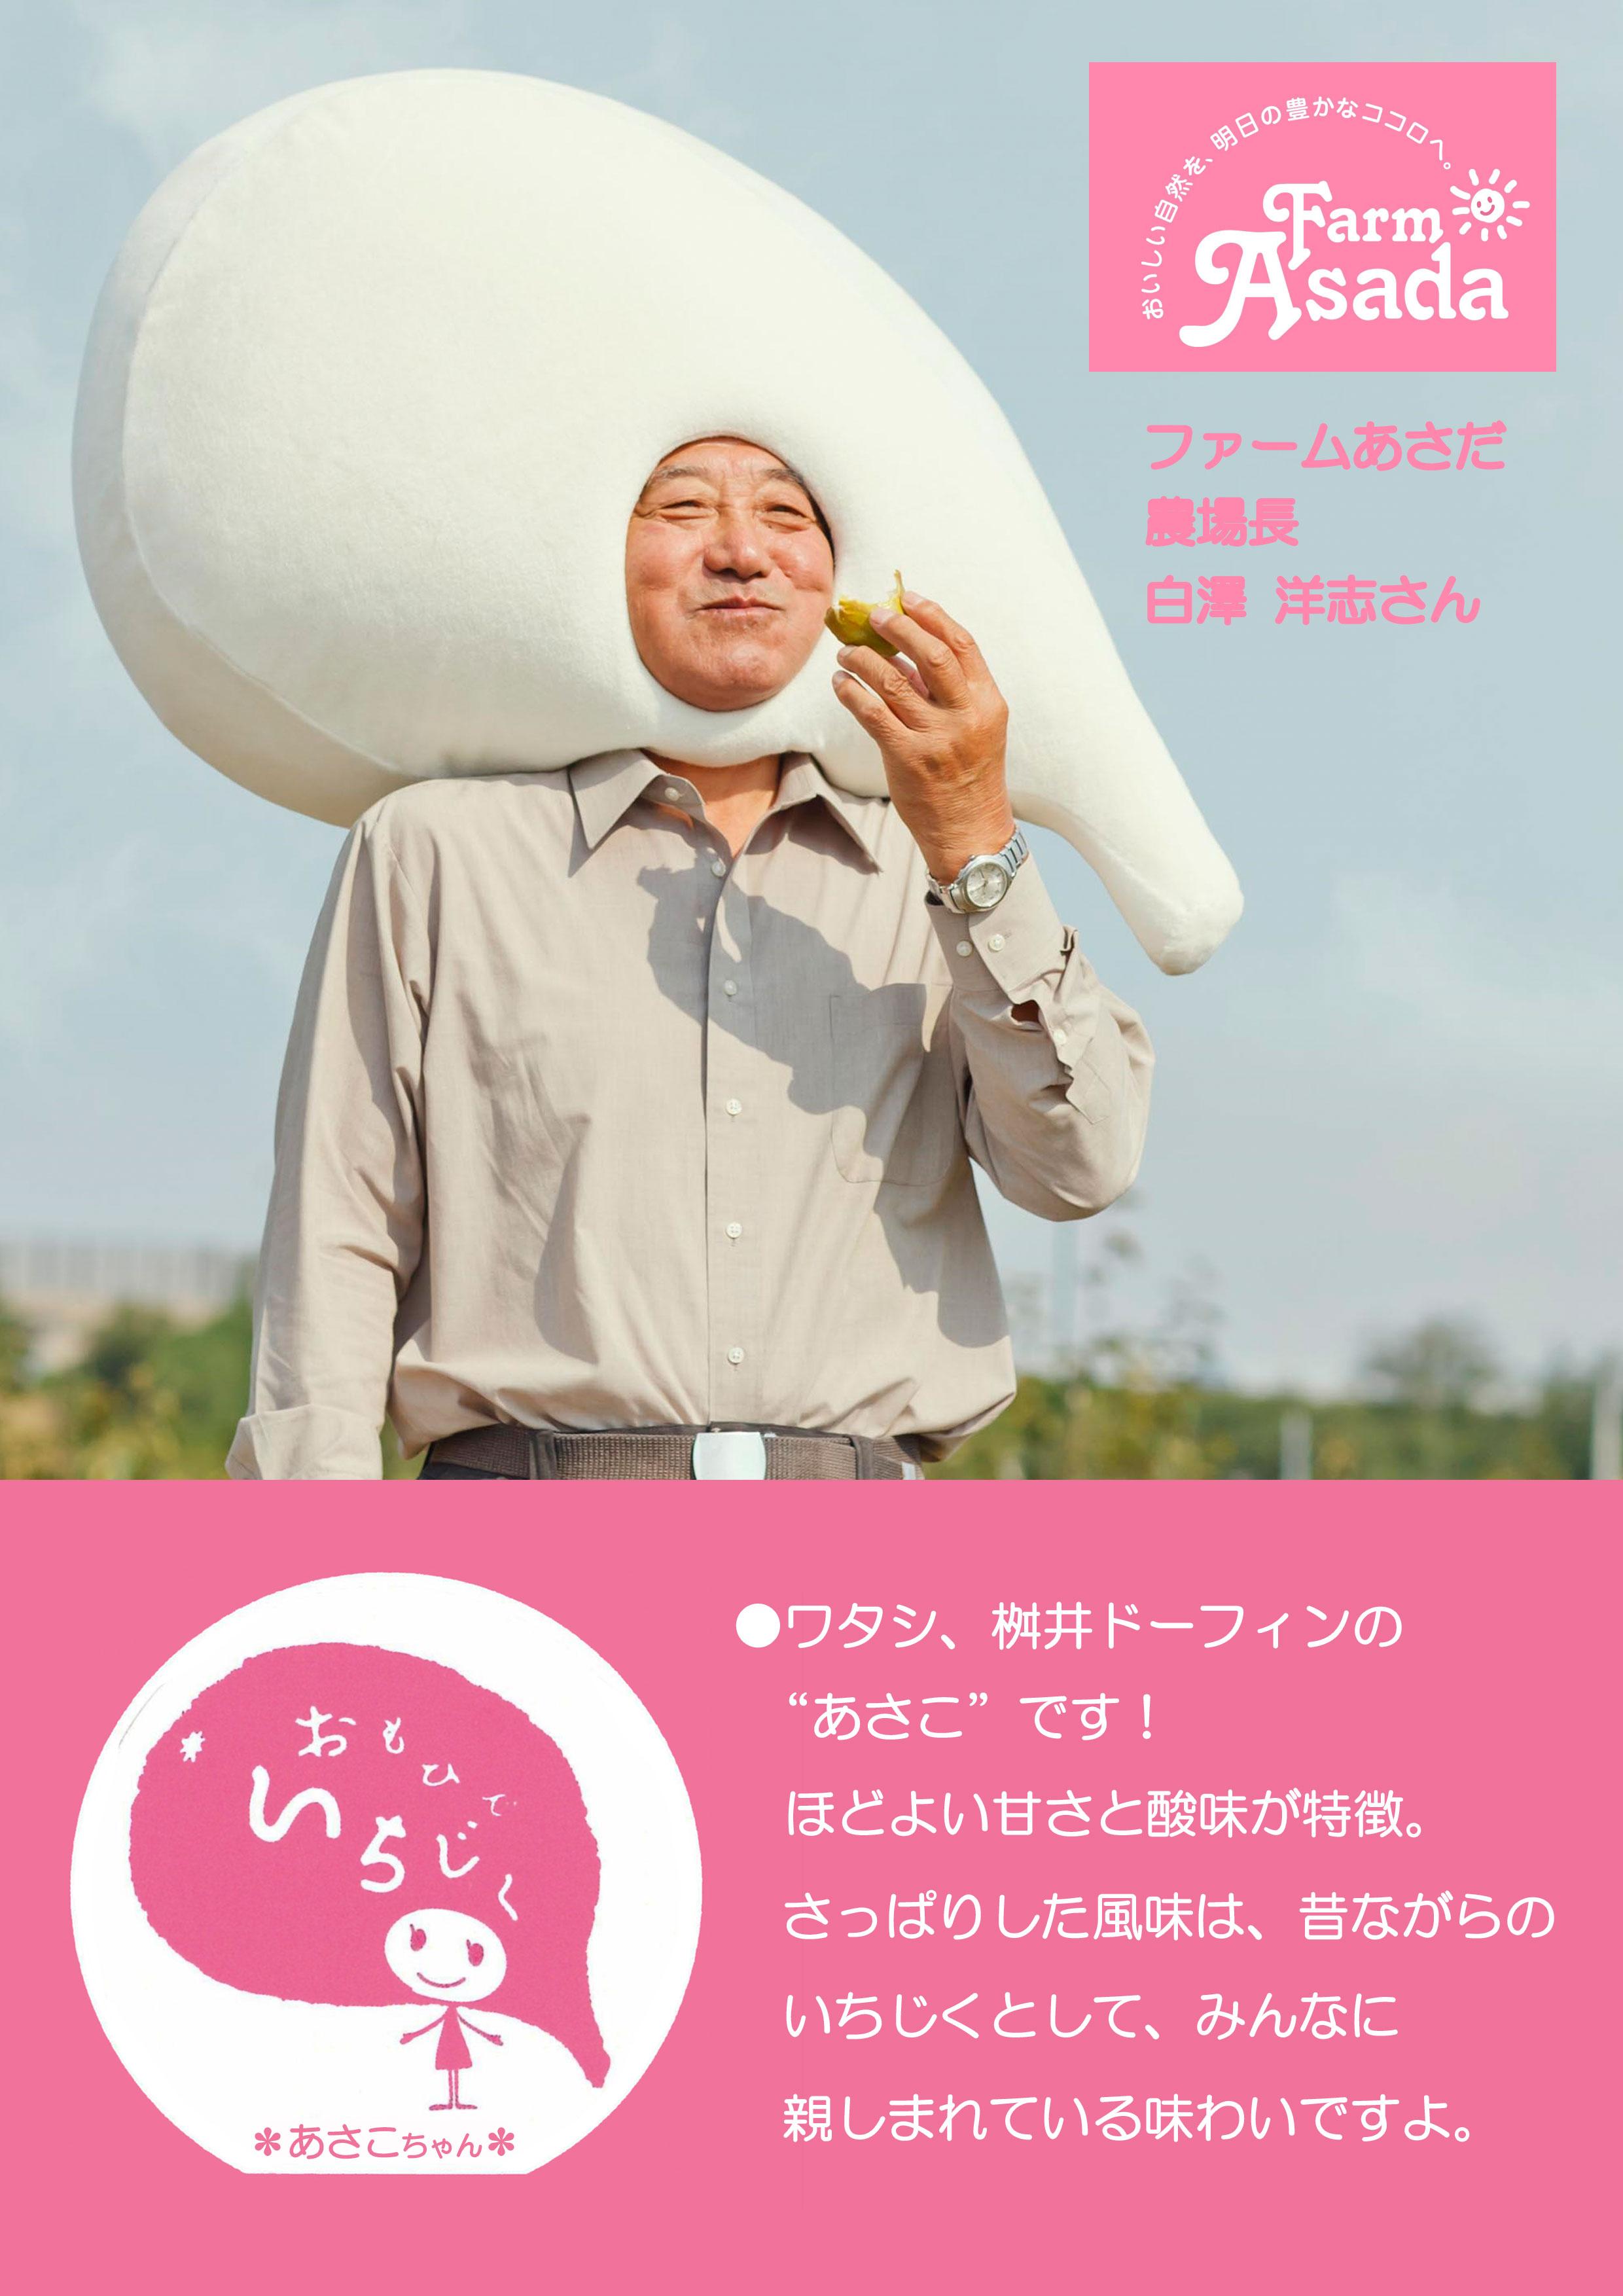 いちじくあさだPOP-A4 - コピー